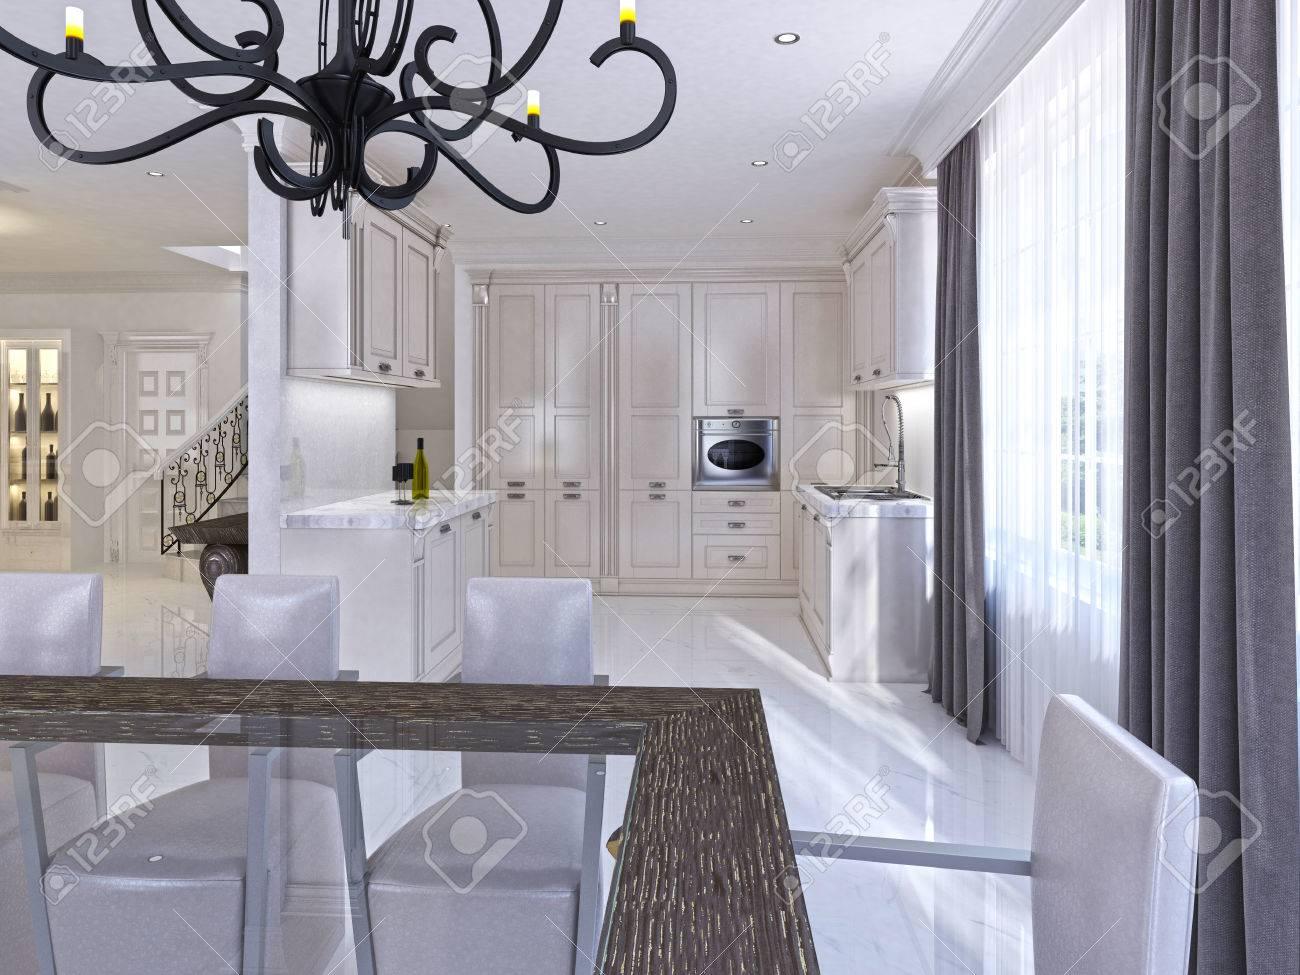 Cuisine-salle à manger classique au style Art Deco. Grande table à manger  pour huit cuisine modulaire avec appareils intégrés. Rendu 3D.